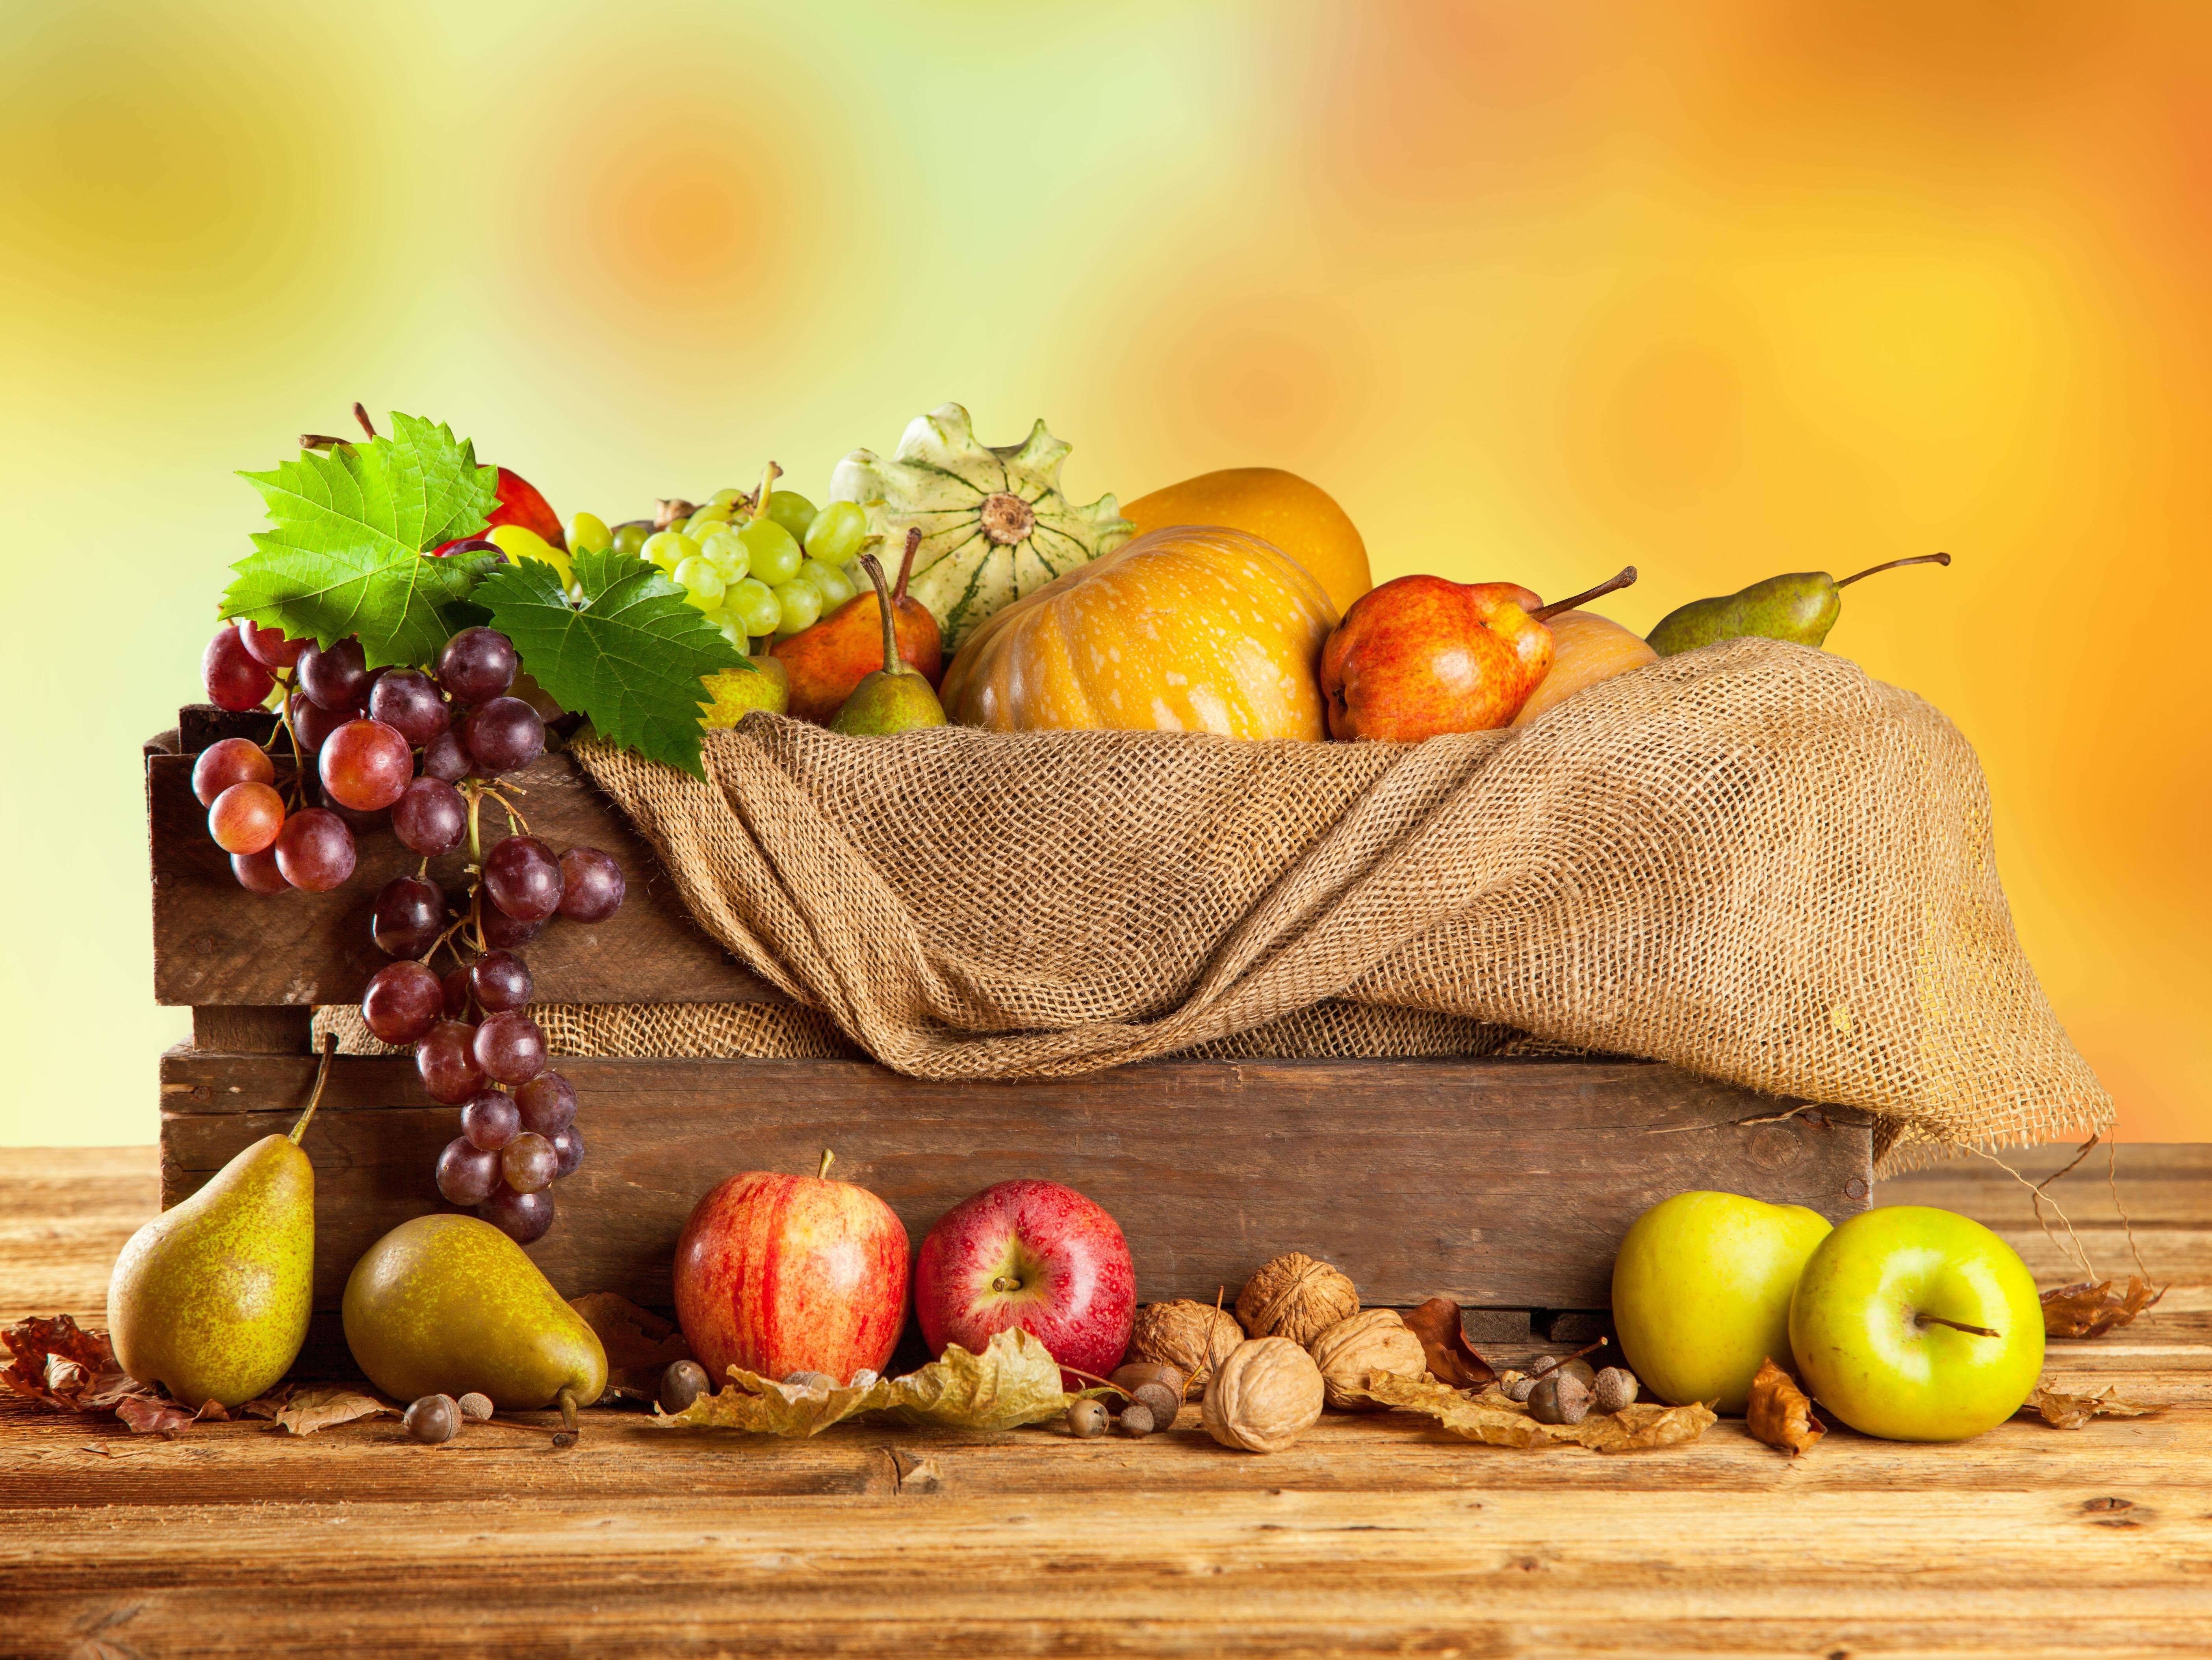 еда фрукты груша виноград корзина food fruit pear grapes basket скачать